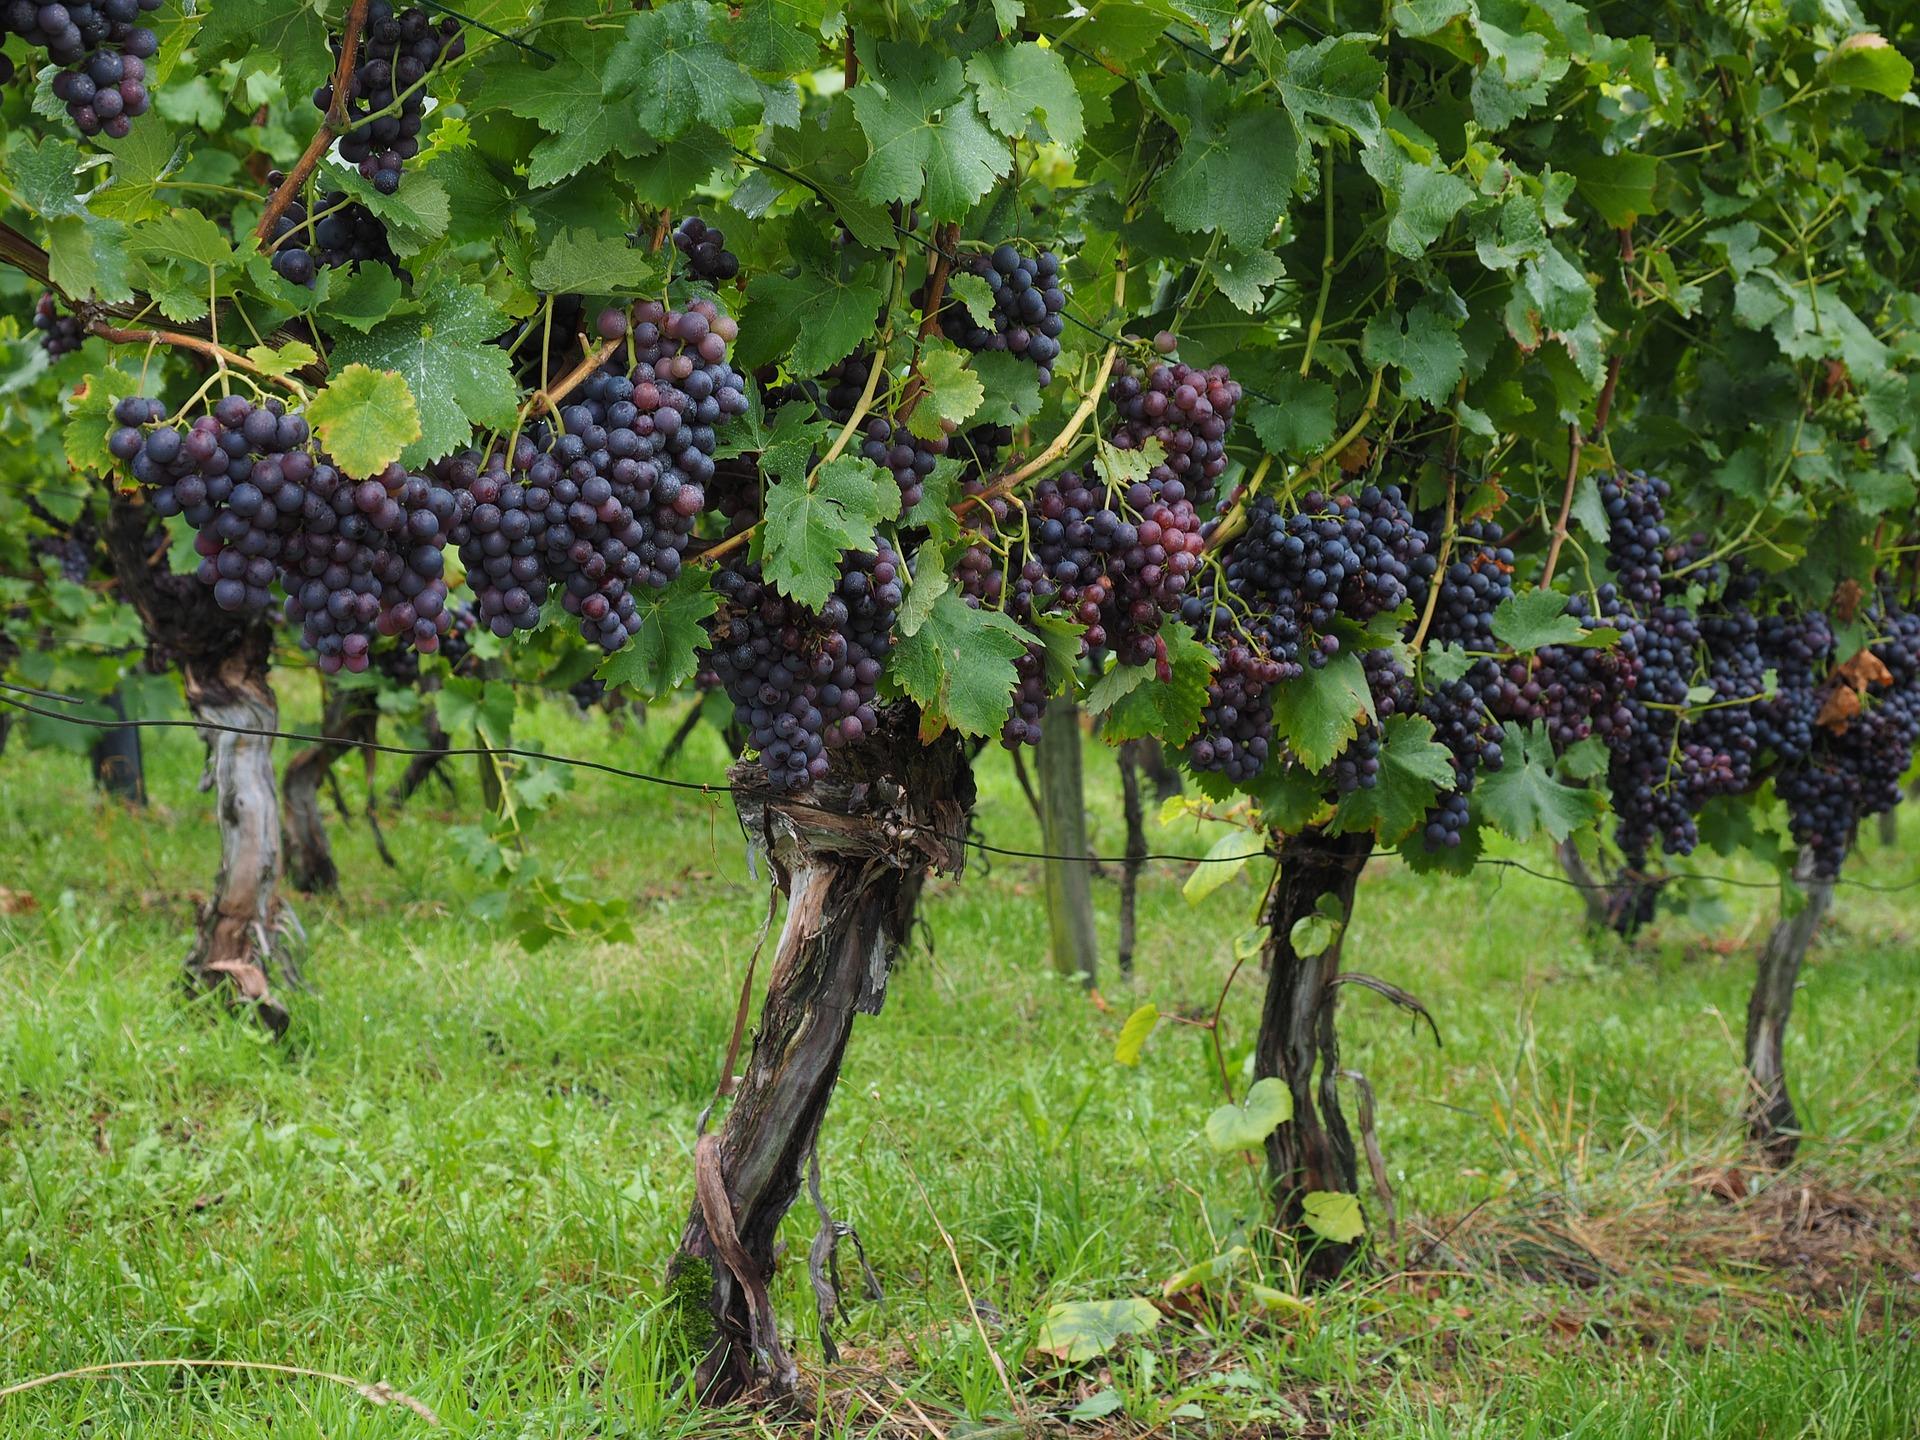 Karpacki Szlak Wina zabiera gości na podróże po jednym z najwspanialszych regionów winiarskich w Polsce  - Zdjęcie główne